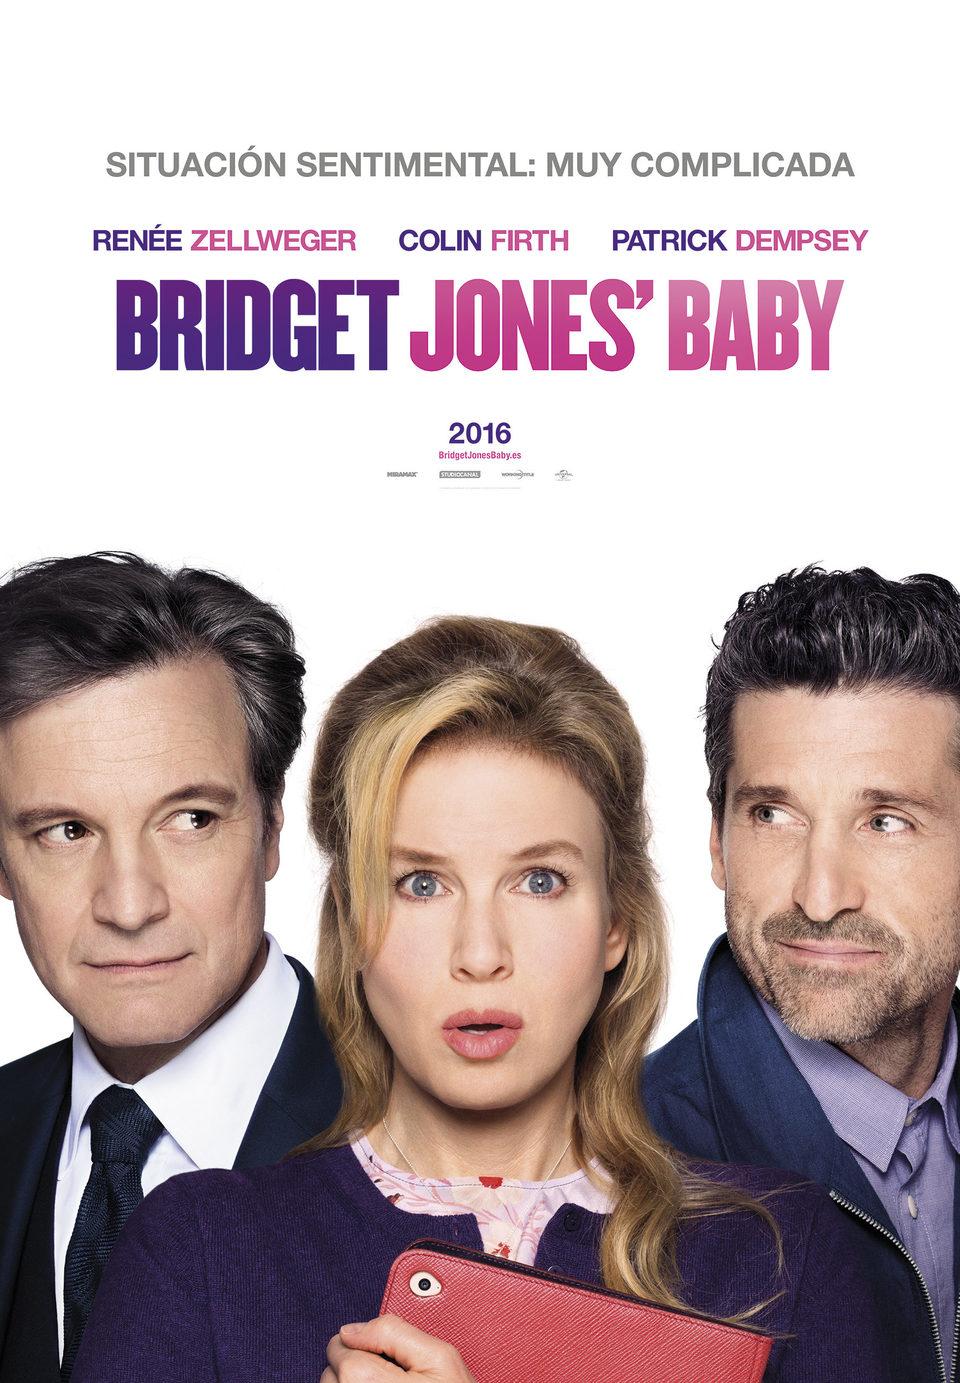 Cartel España #1 de 'Bridget Jones' Baby'